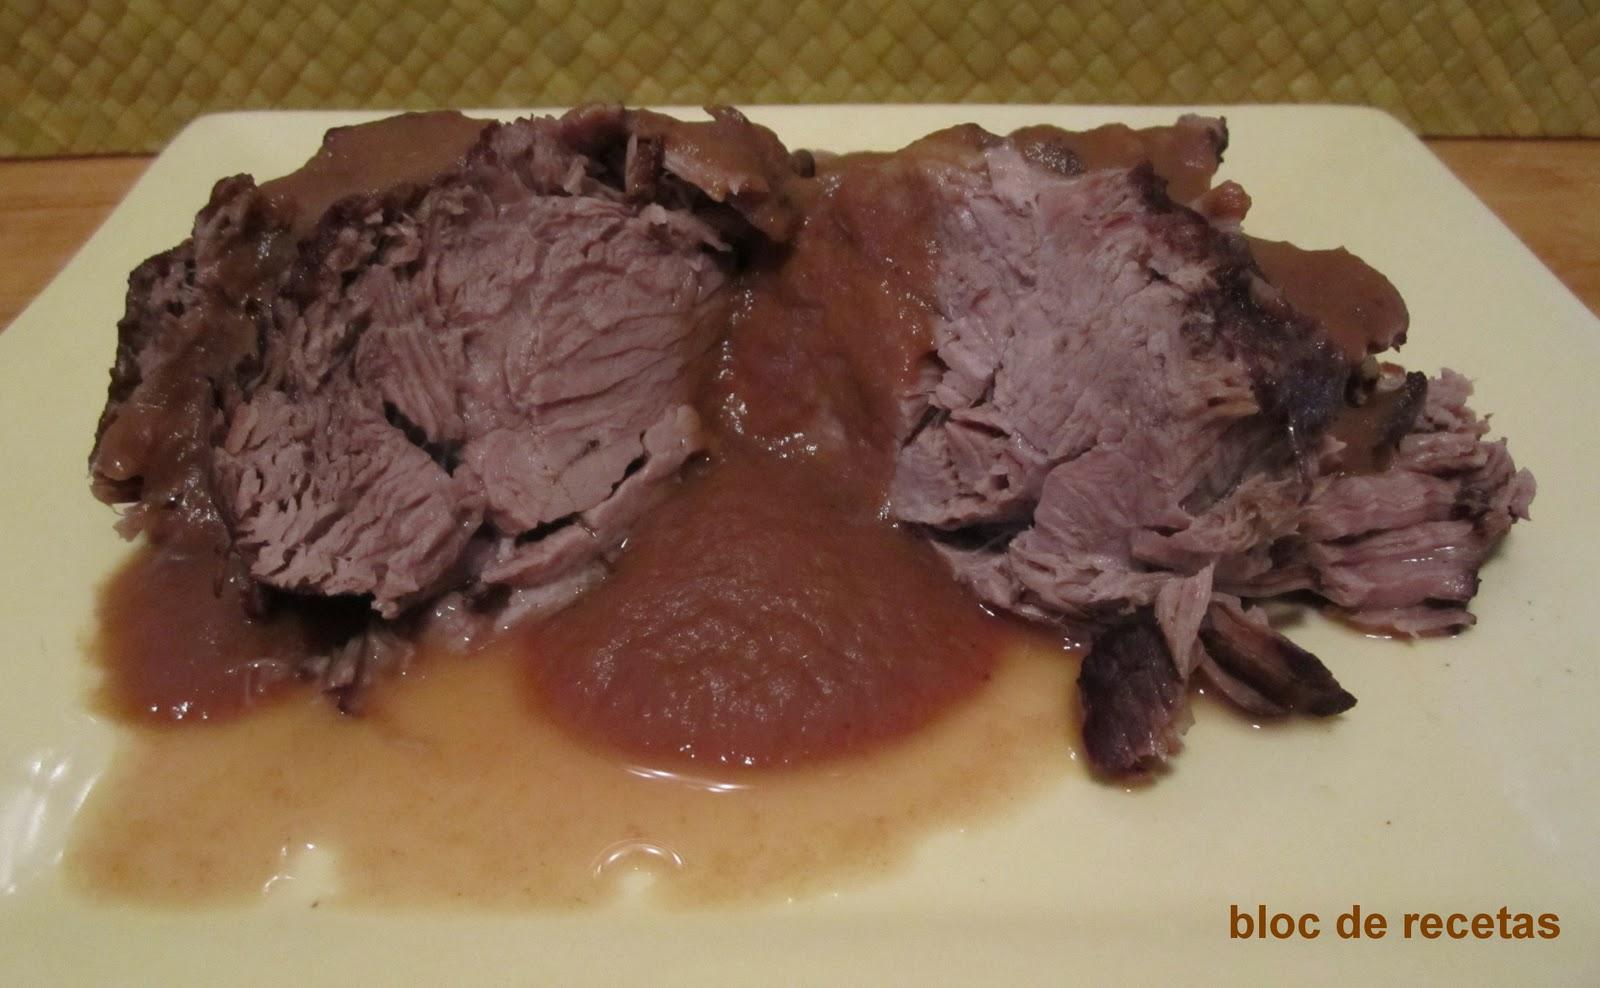 Cocinar Morcillo De Ternera   Bloc De Recetas Morcillo Estofado En Vino Tinto